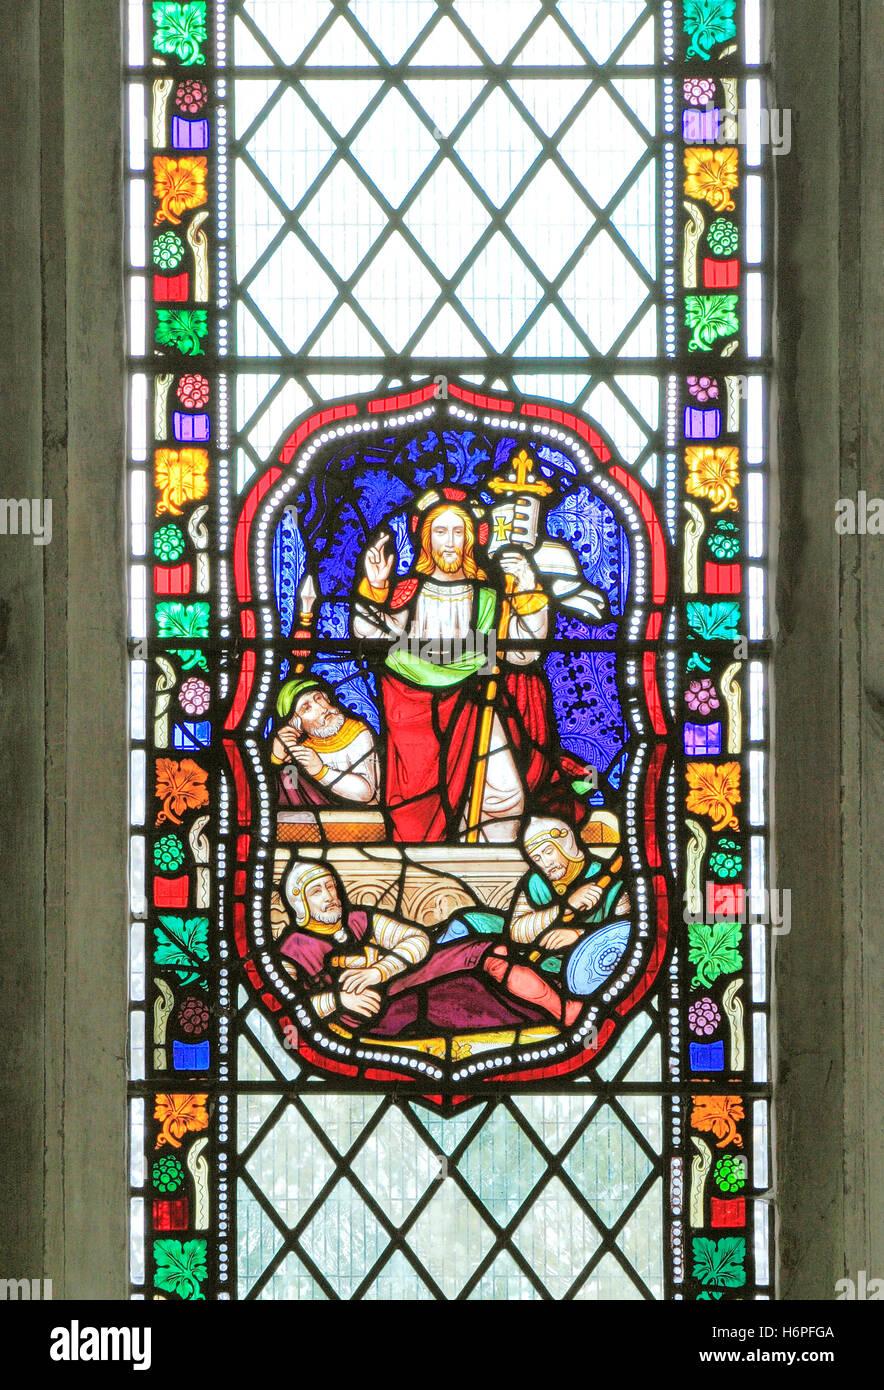 La resurrección de Jesucristo, guardias romanos, vidriera de 1860, Fakenham, Norfolk, Inglaterra, Victoriano Imagen De Stock